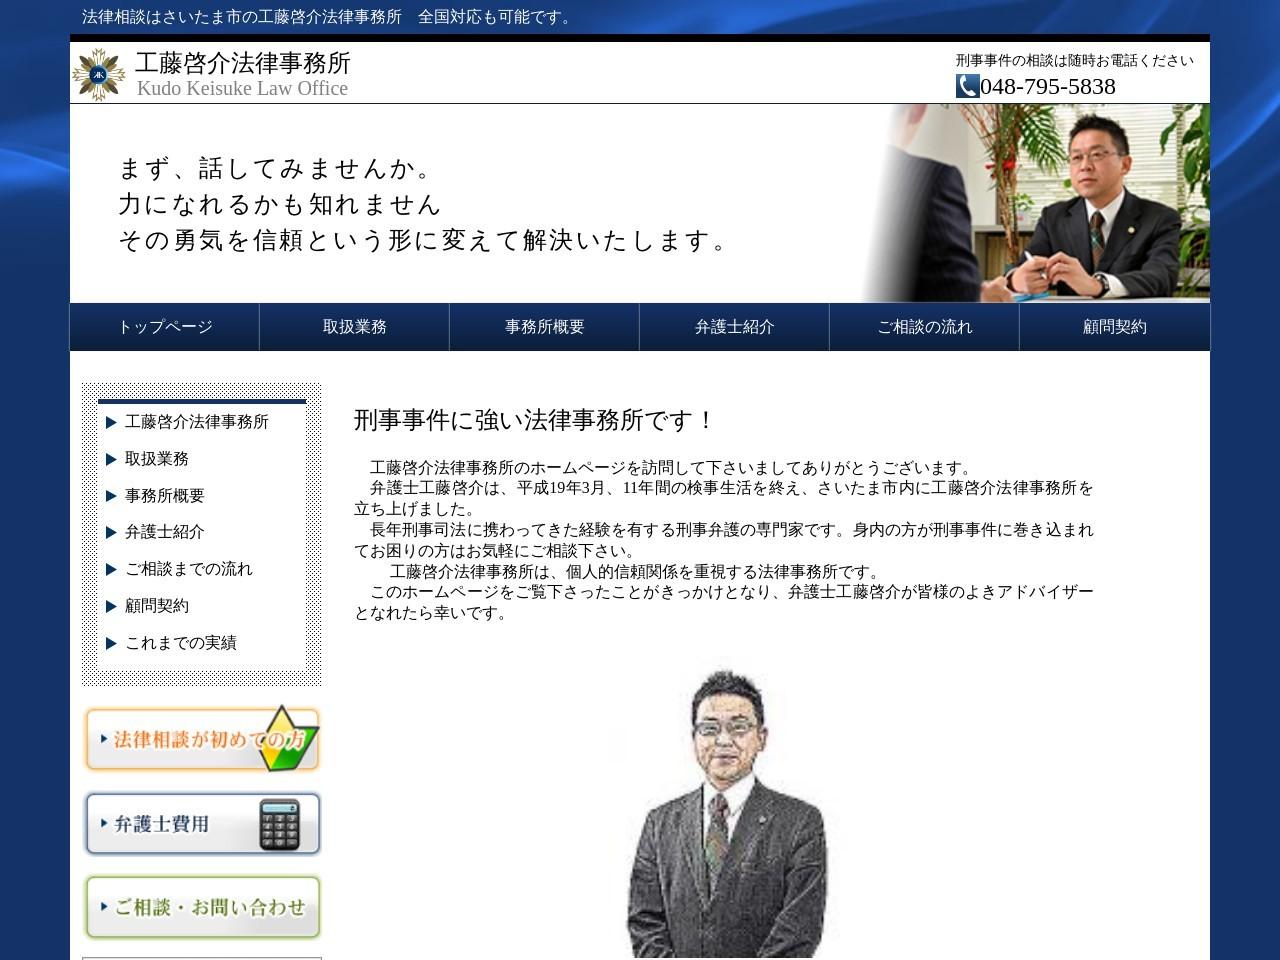 工藤啓介法律事務所